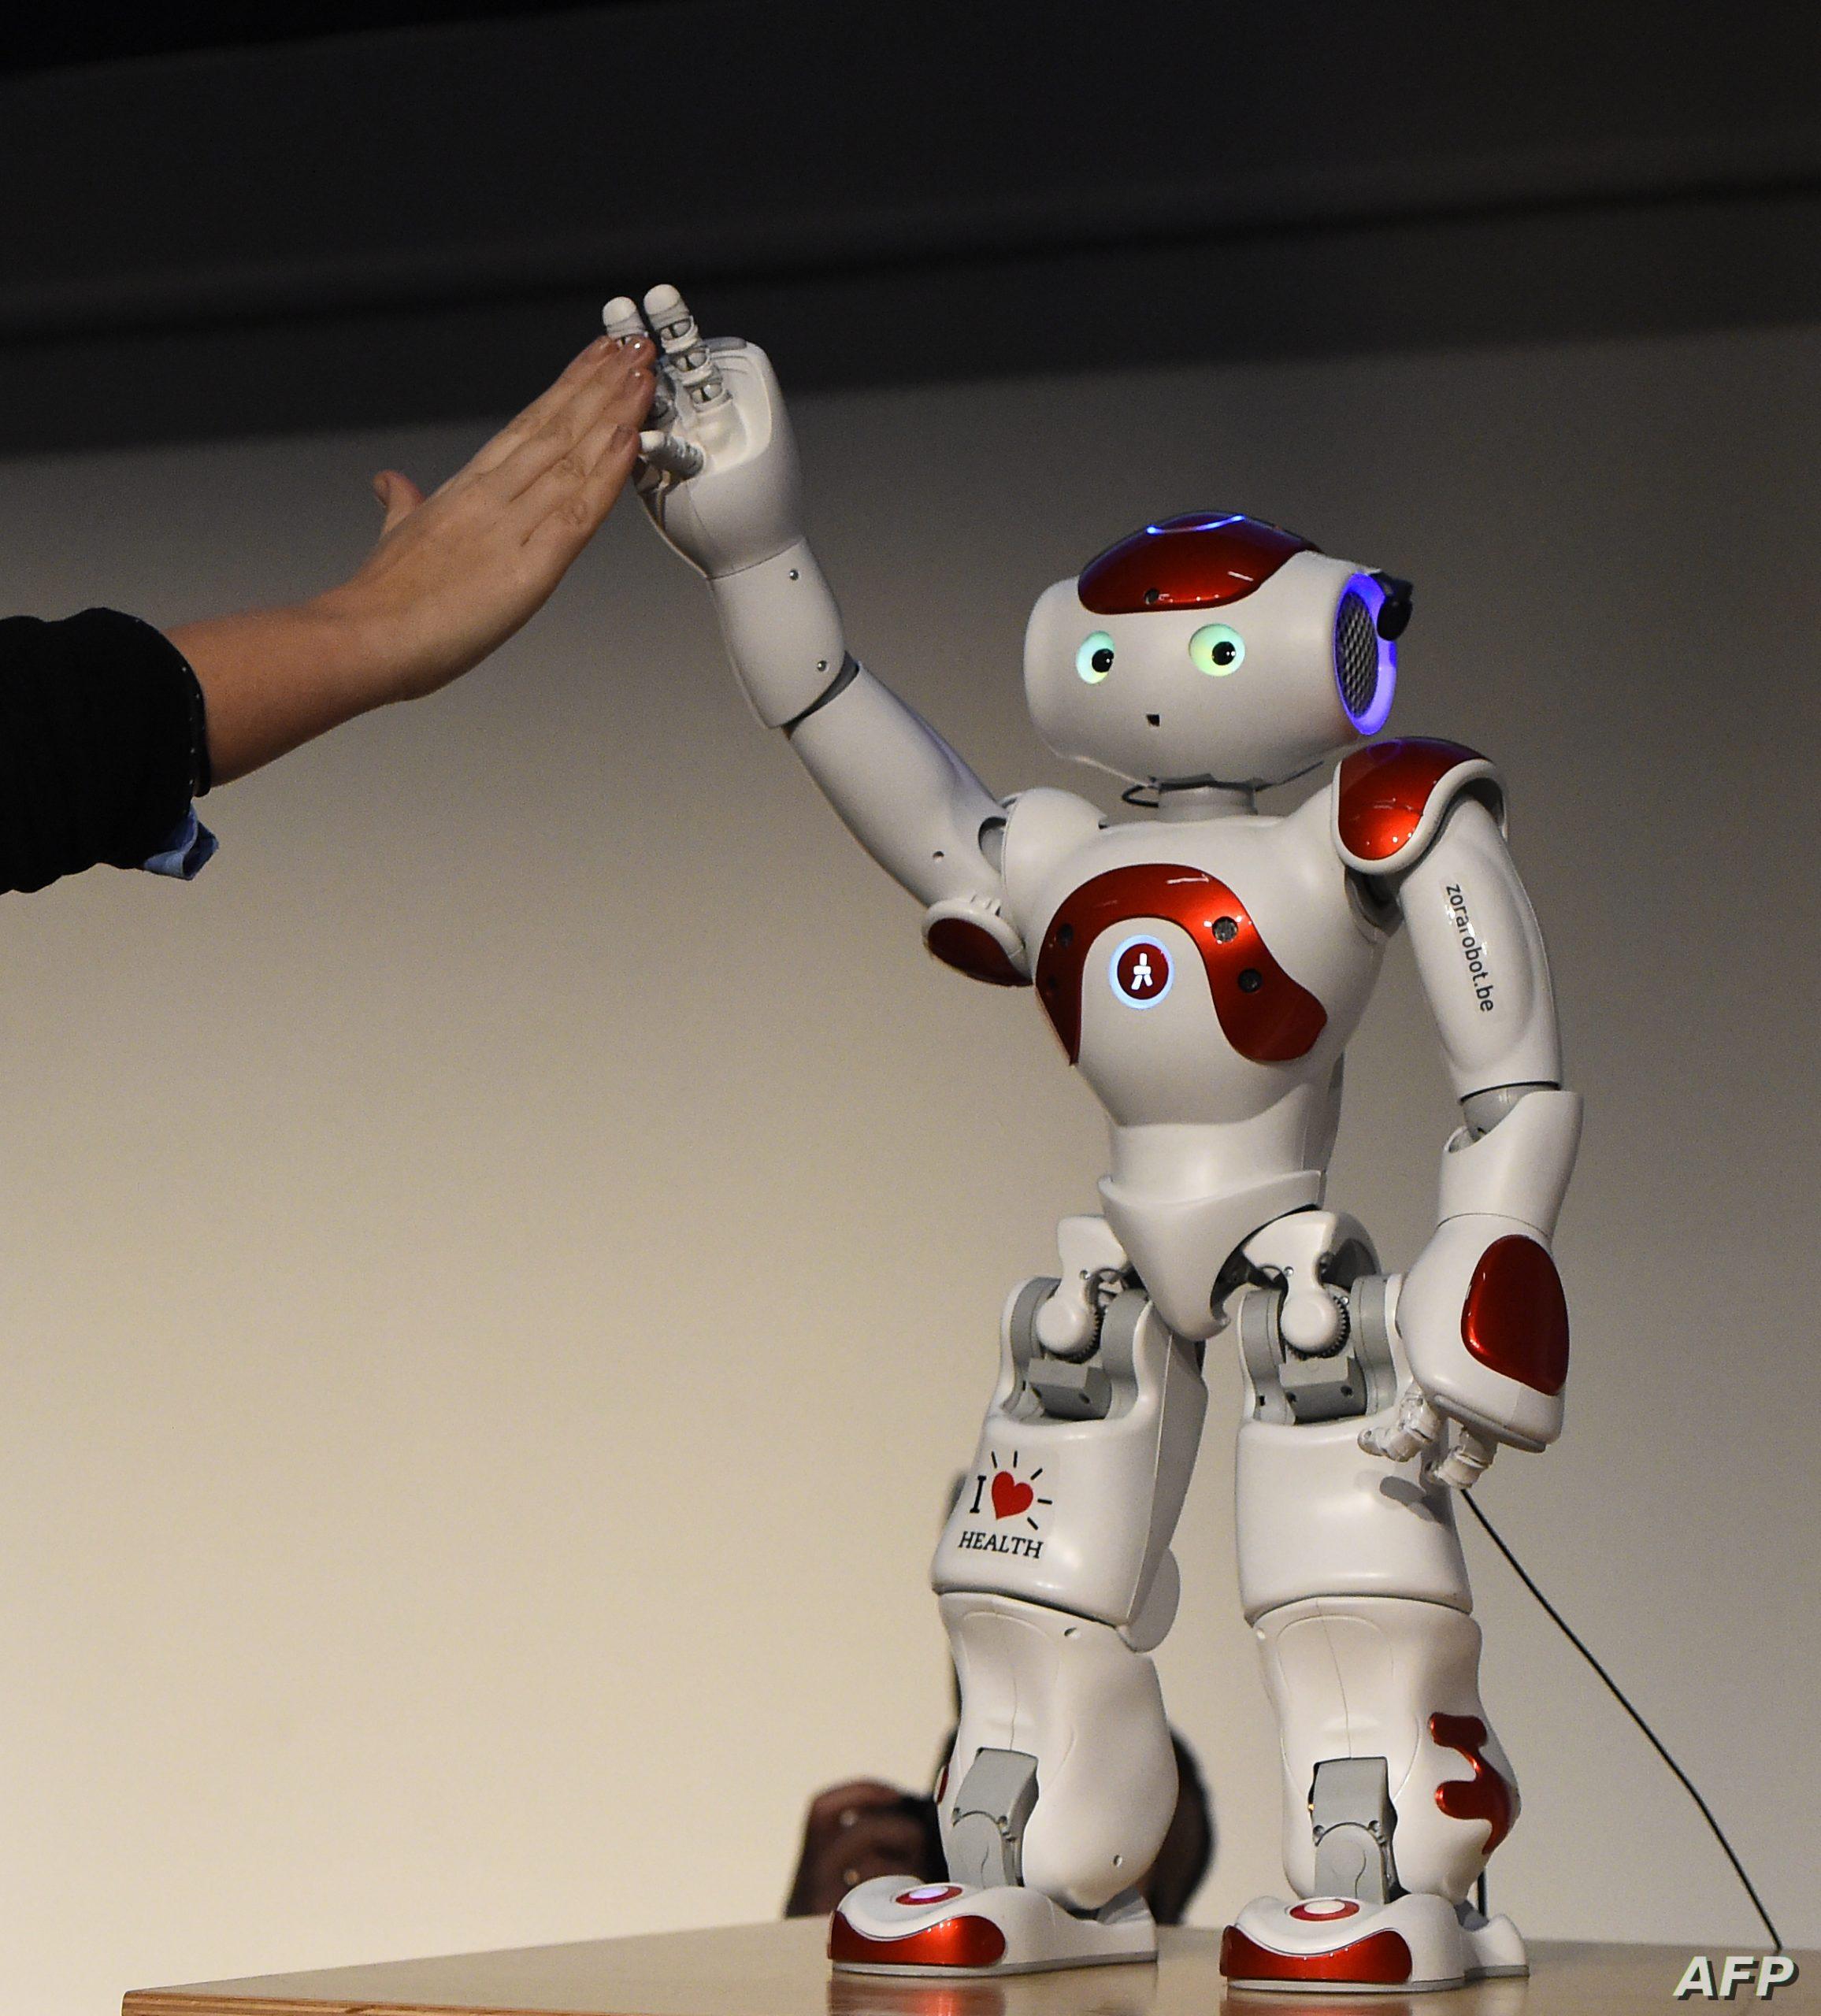 وظائف لا يُمكن أن تحتلها الروبوتات من البشر